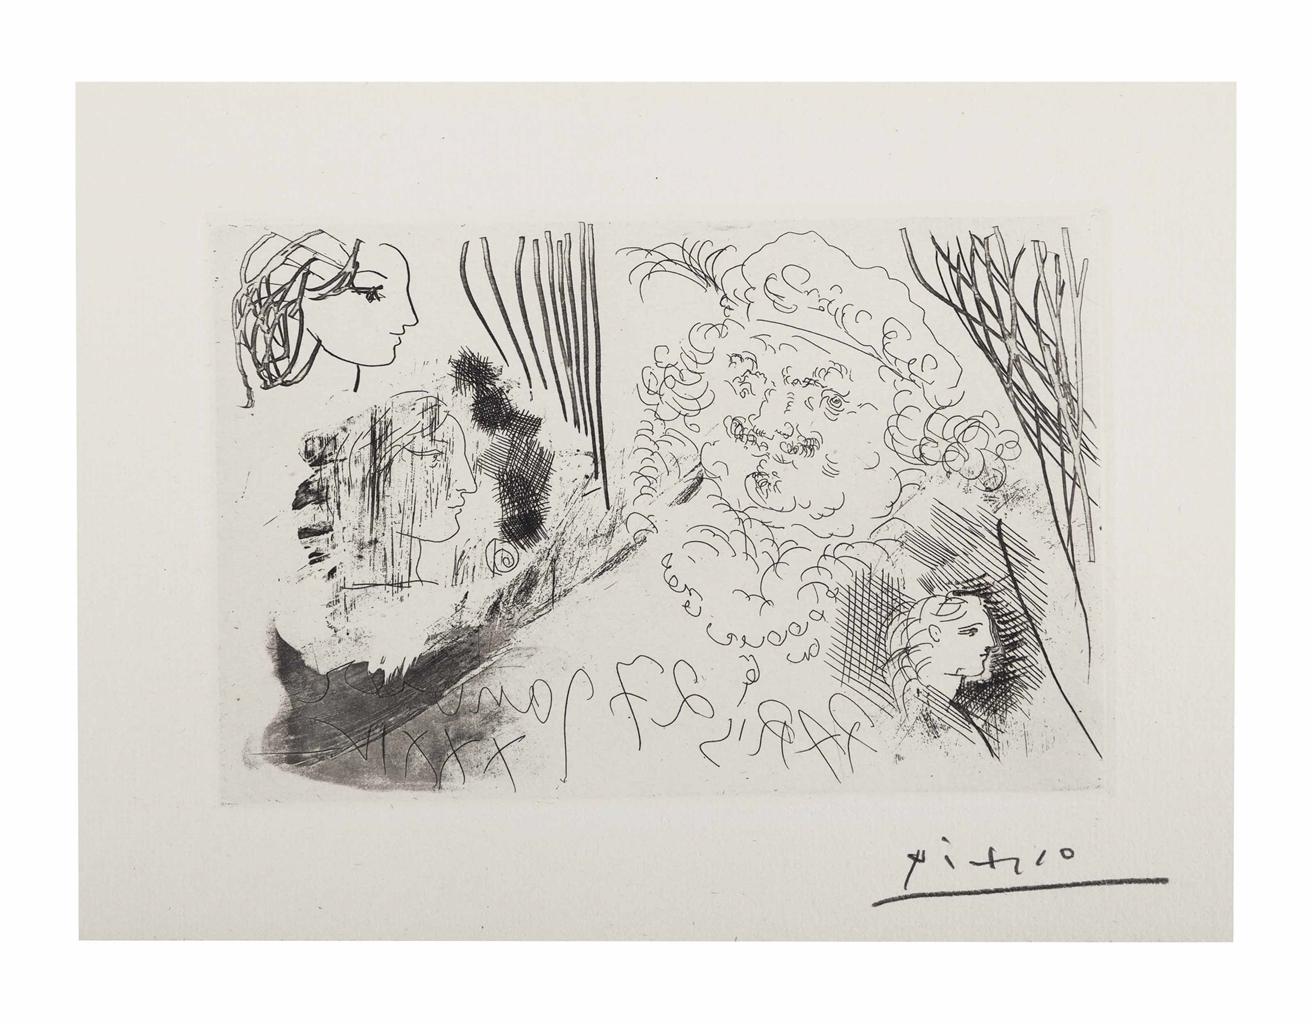 Pablo Picasso-Rembrandt et tetes de femmes, from La Suite Vollard-1934